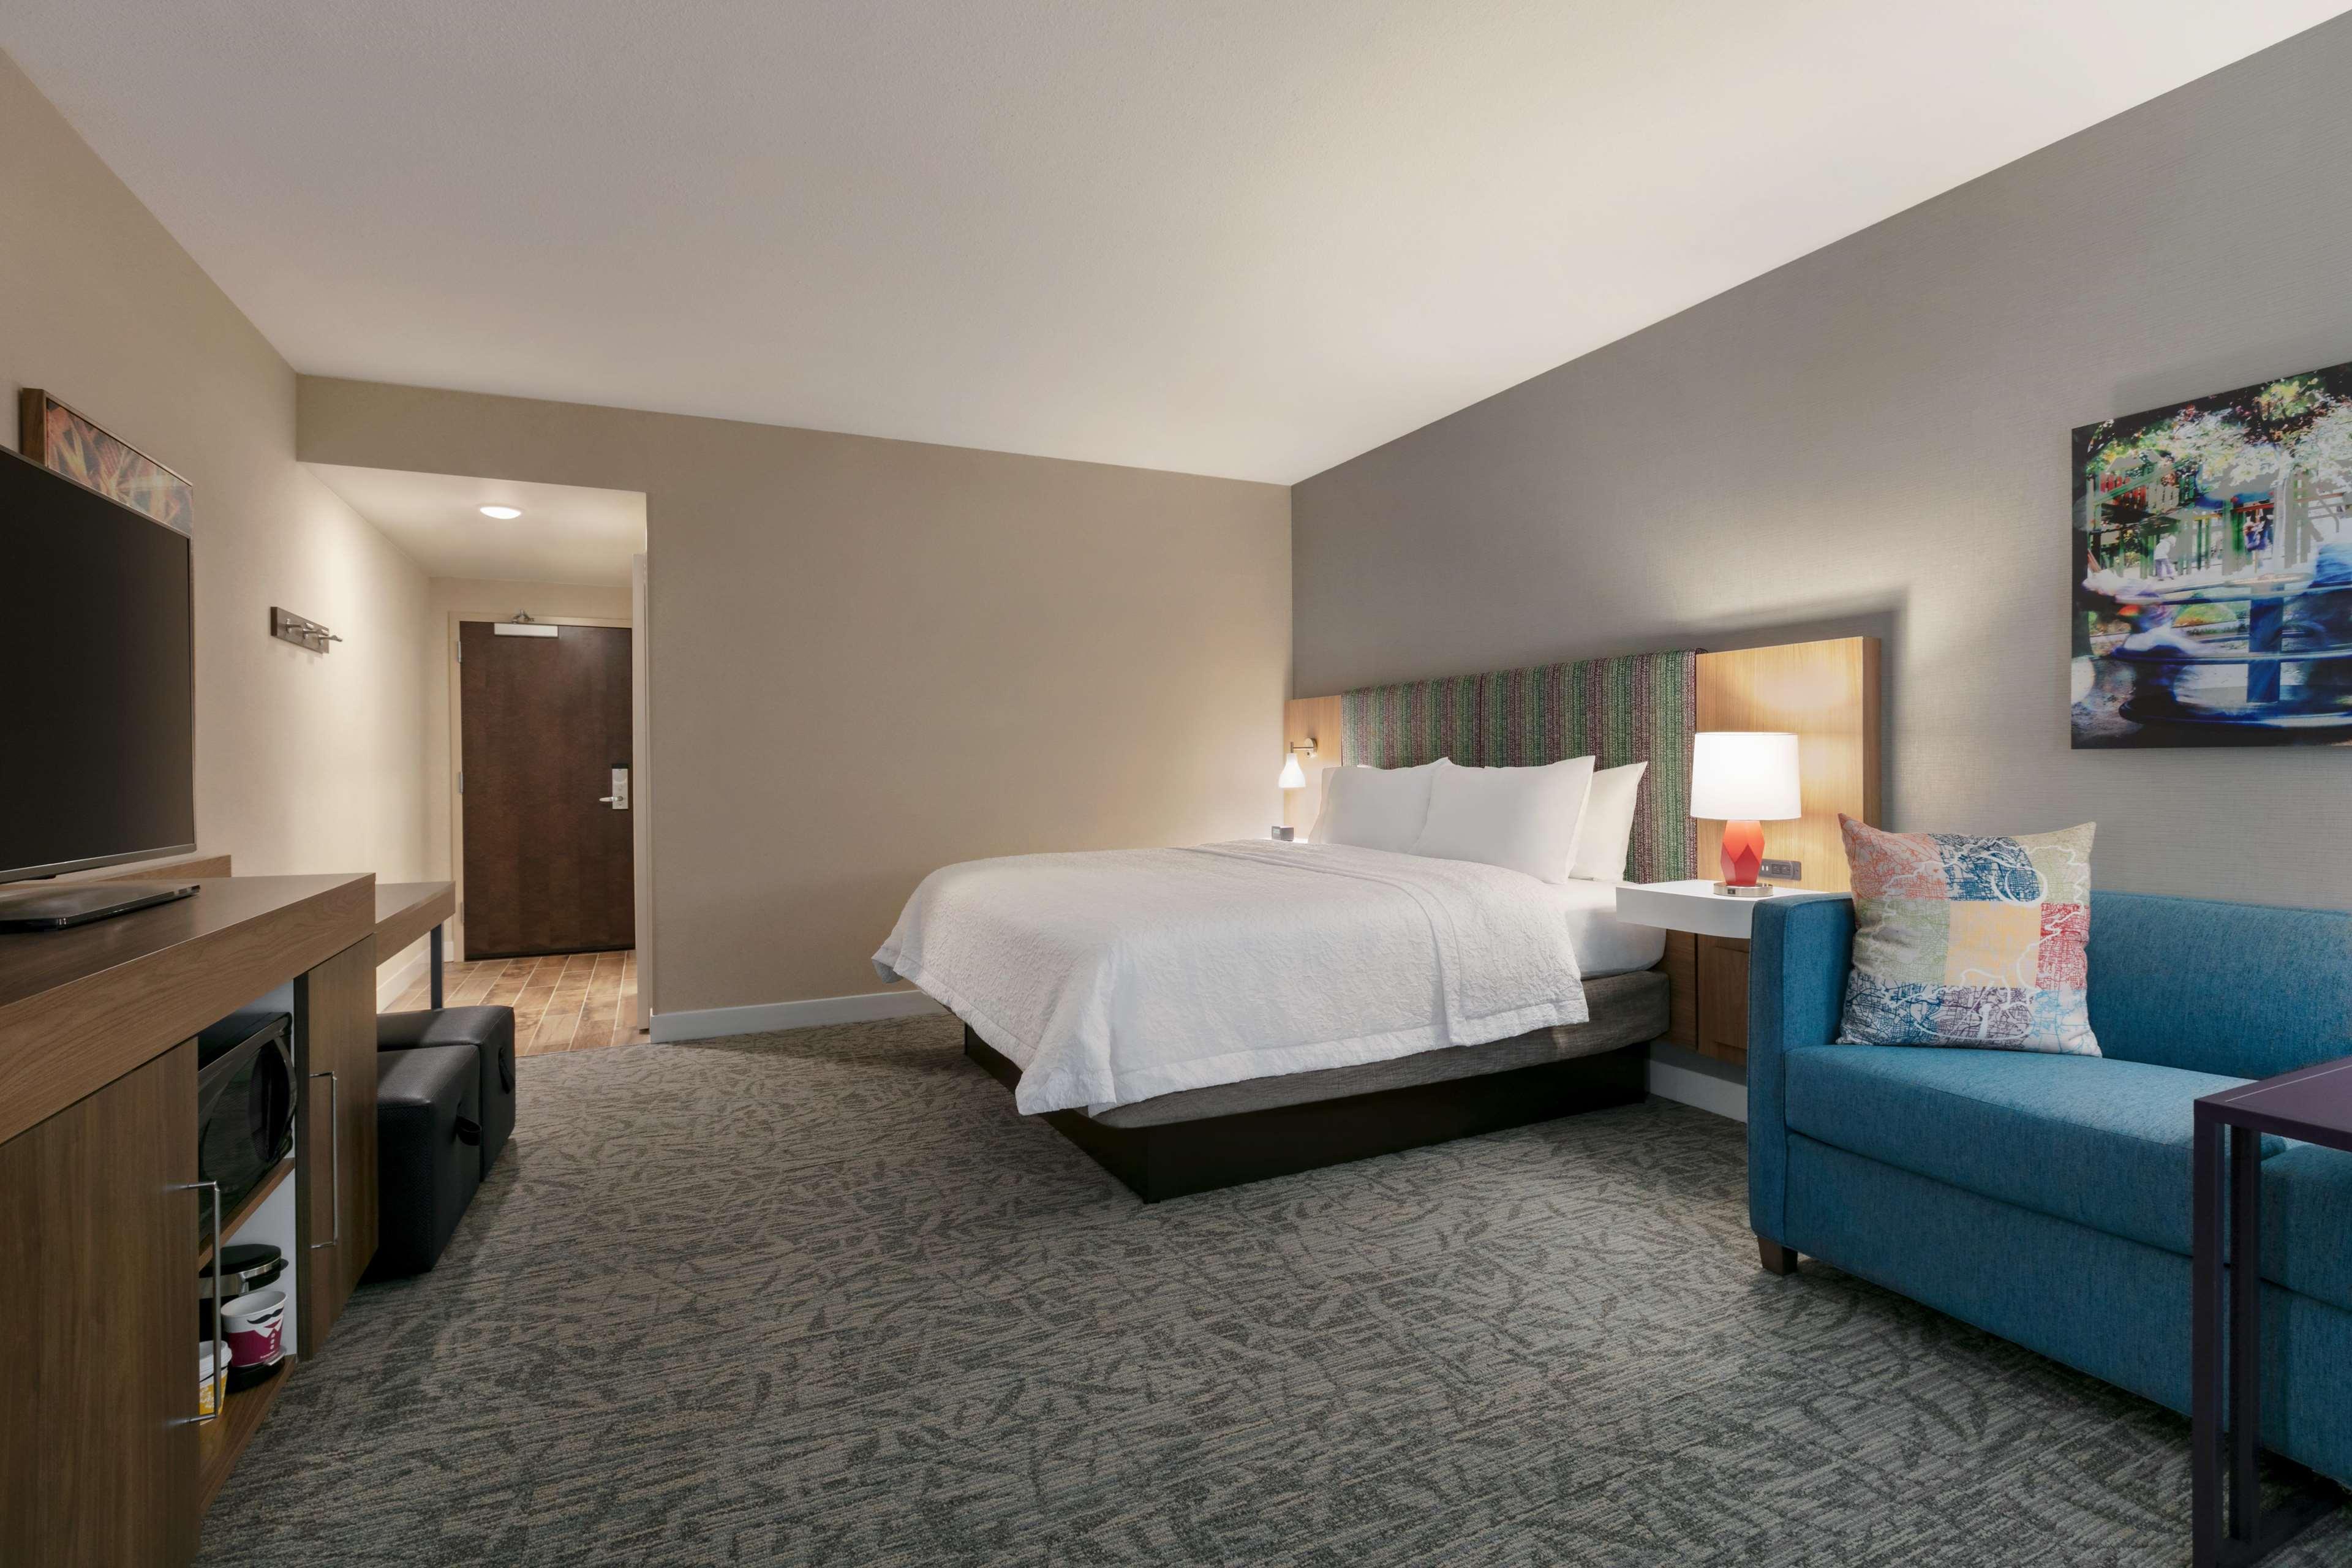 Hampton Inn and Suites Johns Creek image 32